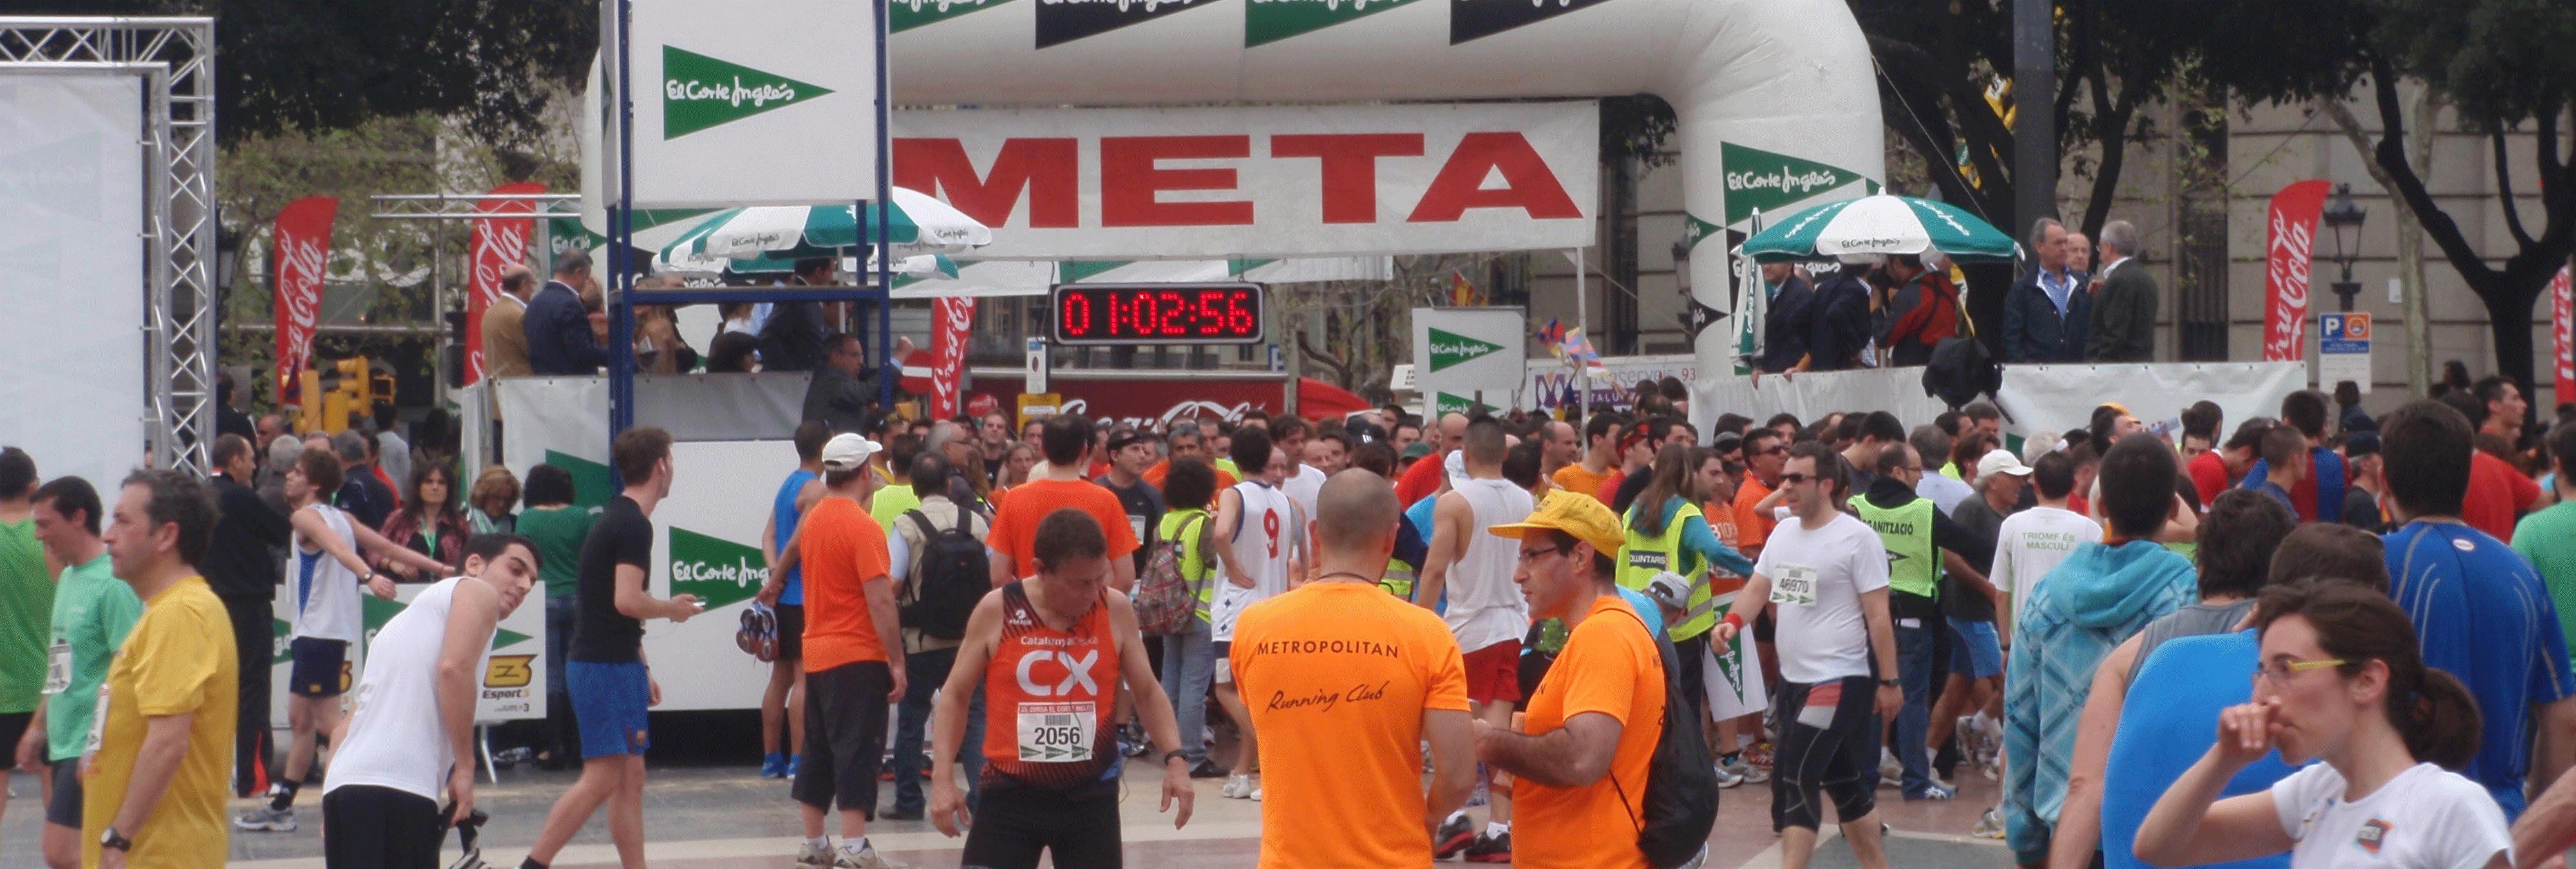 Manuela Carmena quiere regular las carreras populares en Madrid